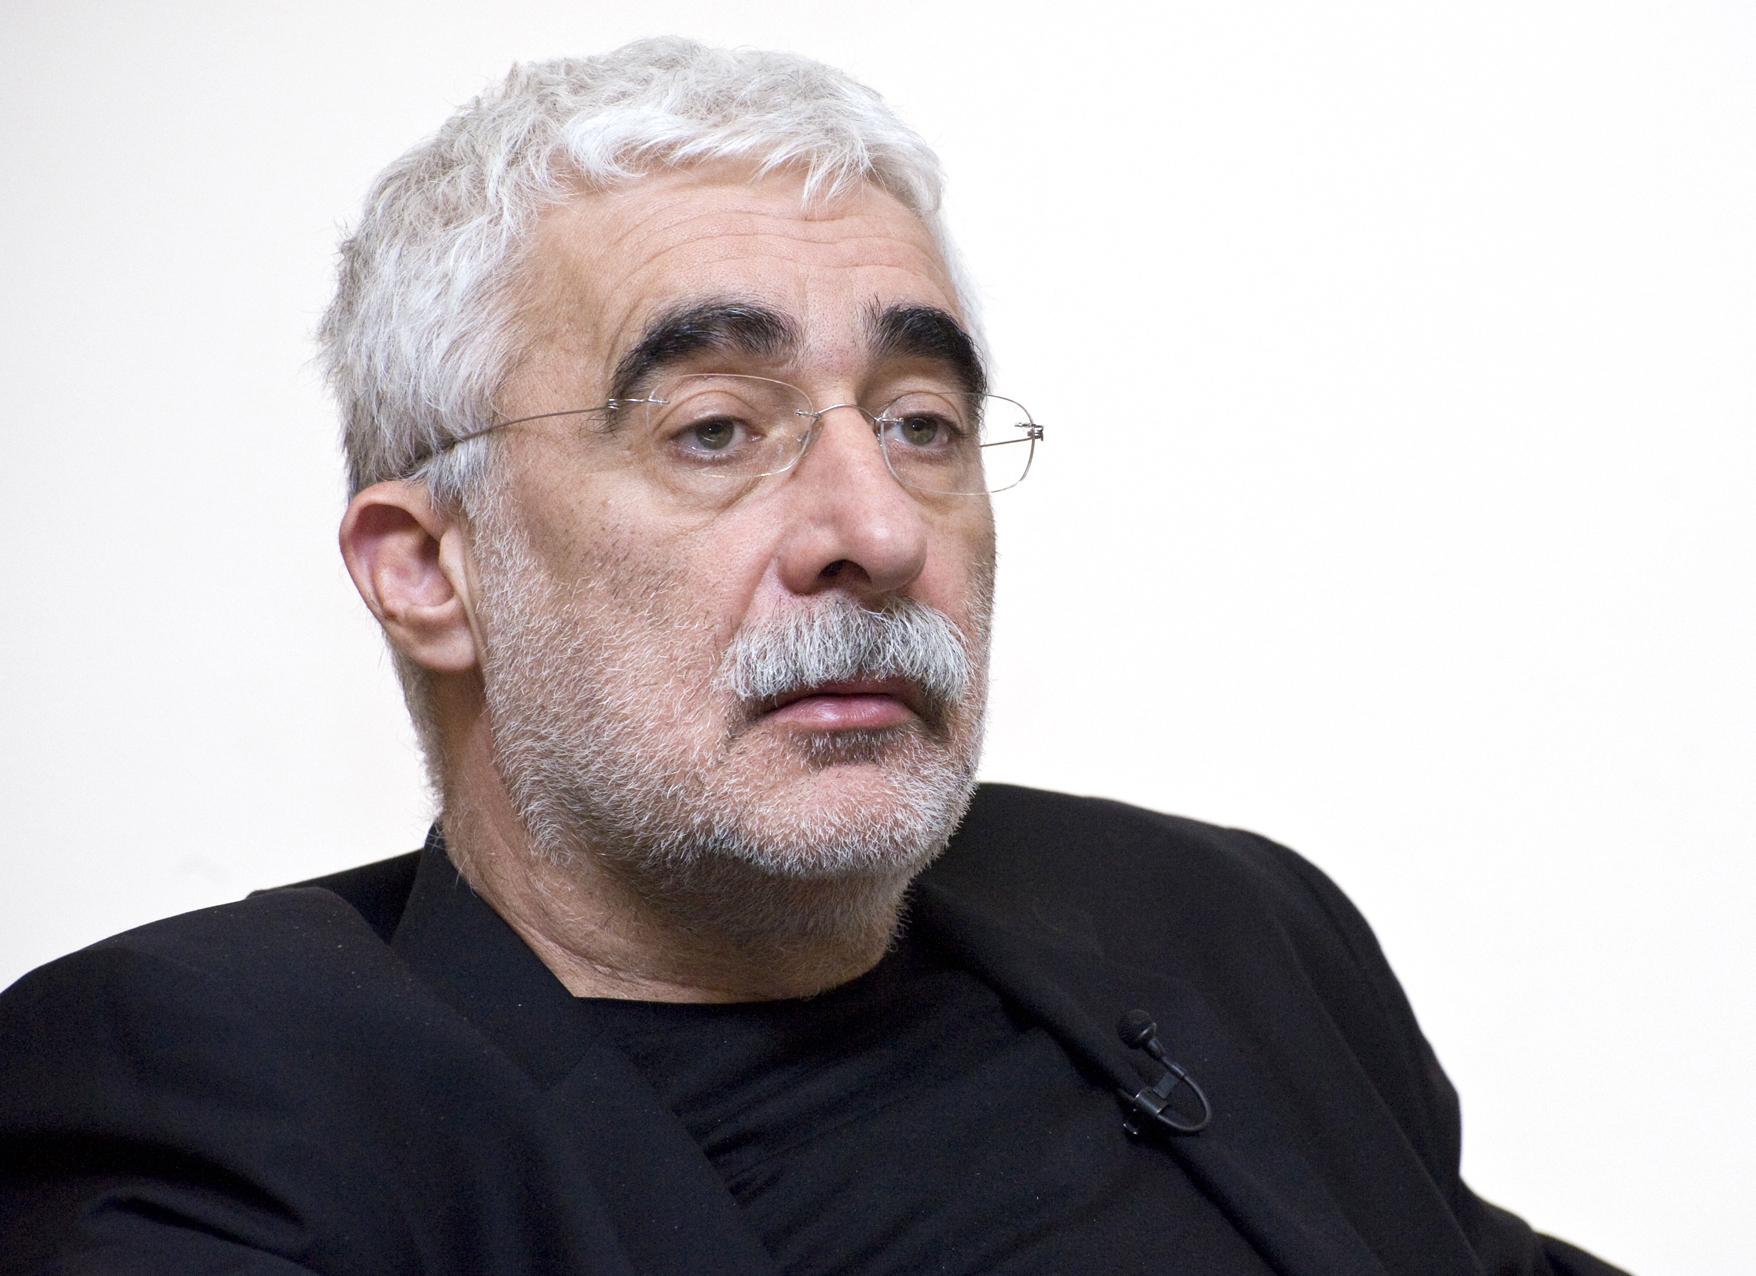 Adrian Sârbu nu mai este acționarul majoritar în proiectul TV pe care îl pregătește